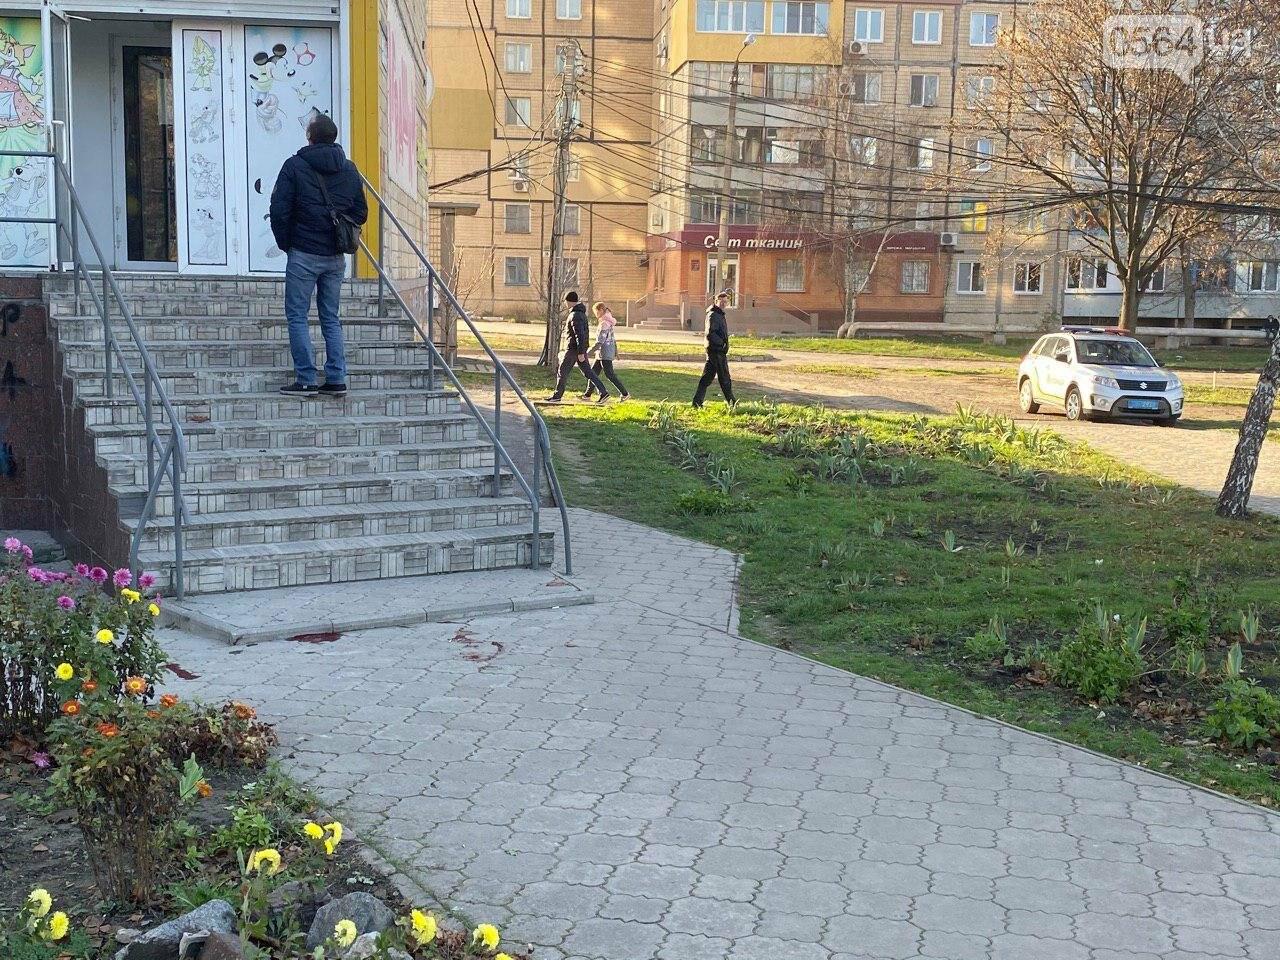 В Кривом Роге из окна 11 этажа выпал мужчина, - ФОТО 18+, фото-6